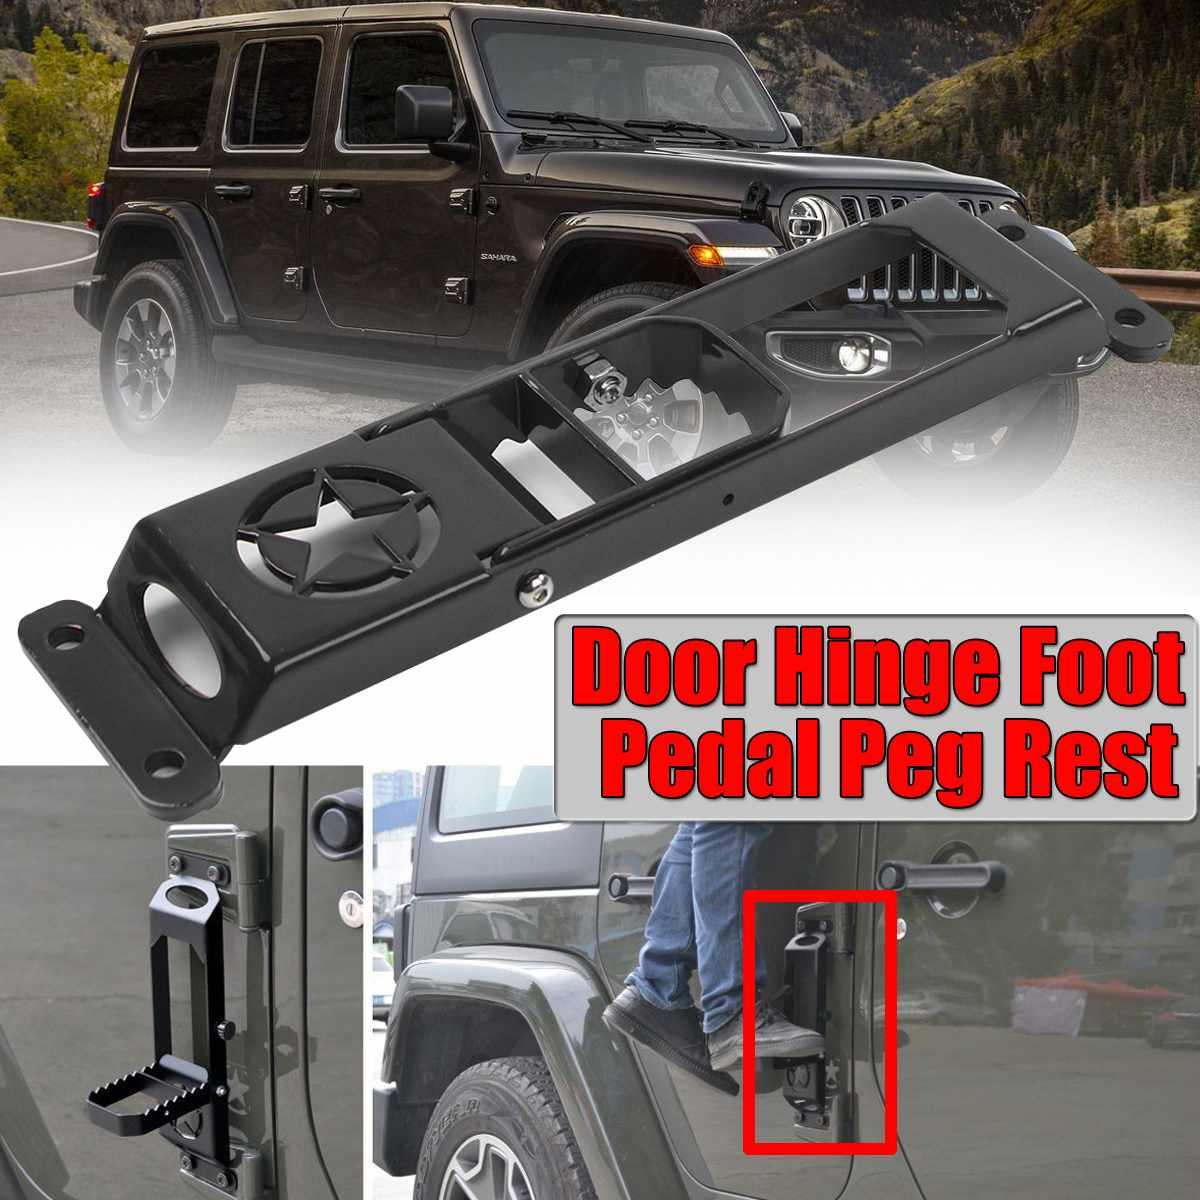 1/2pc Car Folding Door Hinge Foot Pedal Peg Rest For Jeep For Wrangler JK 2007-2017 2/4dr Door Hinge Step Metal Folding Foot Peg